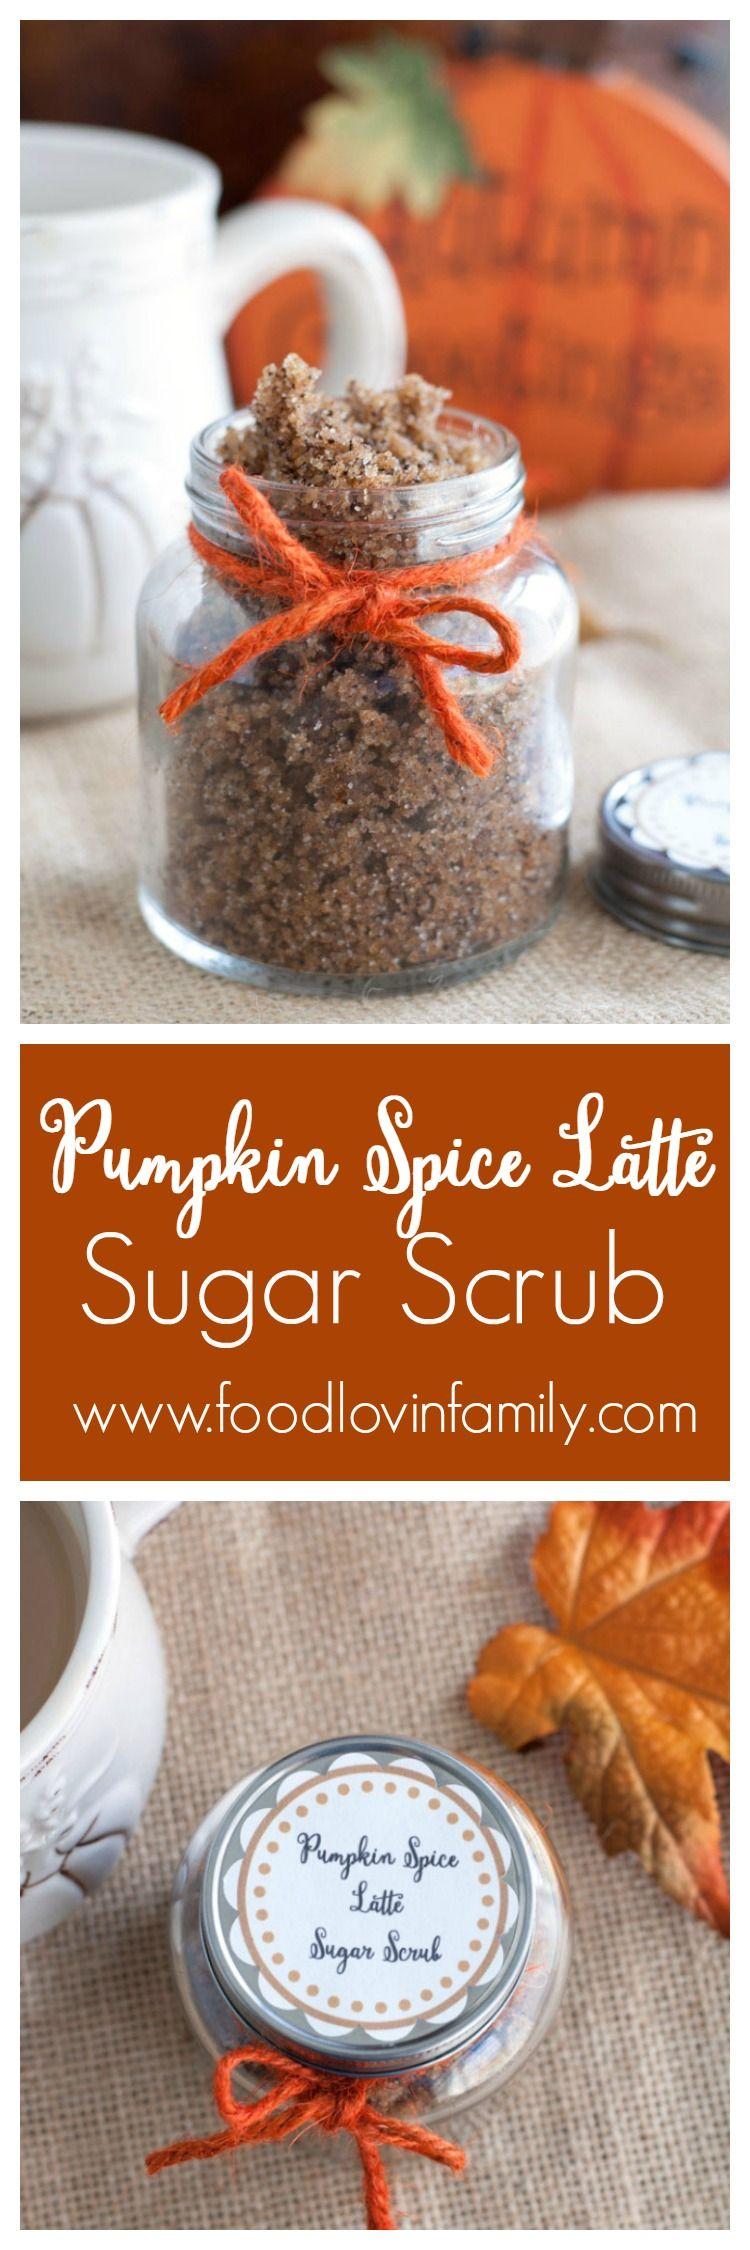 pumpkin spice latte sugar scrub | recipe | latte, sugaring and autumn